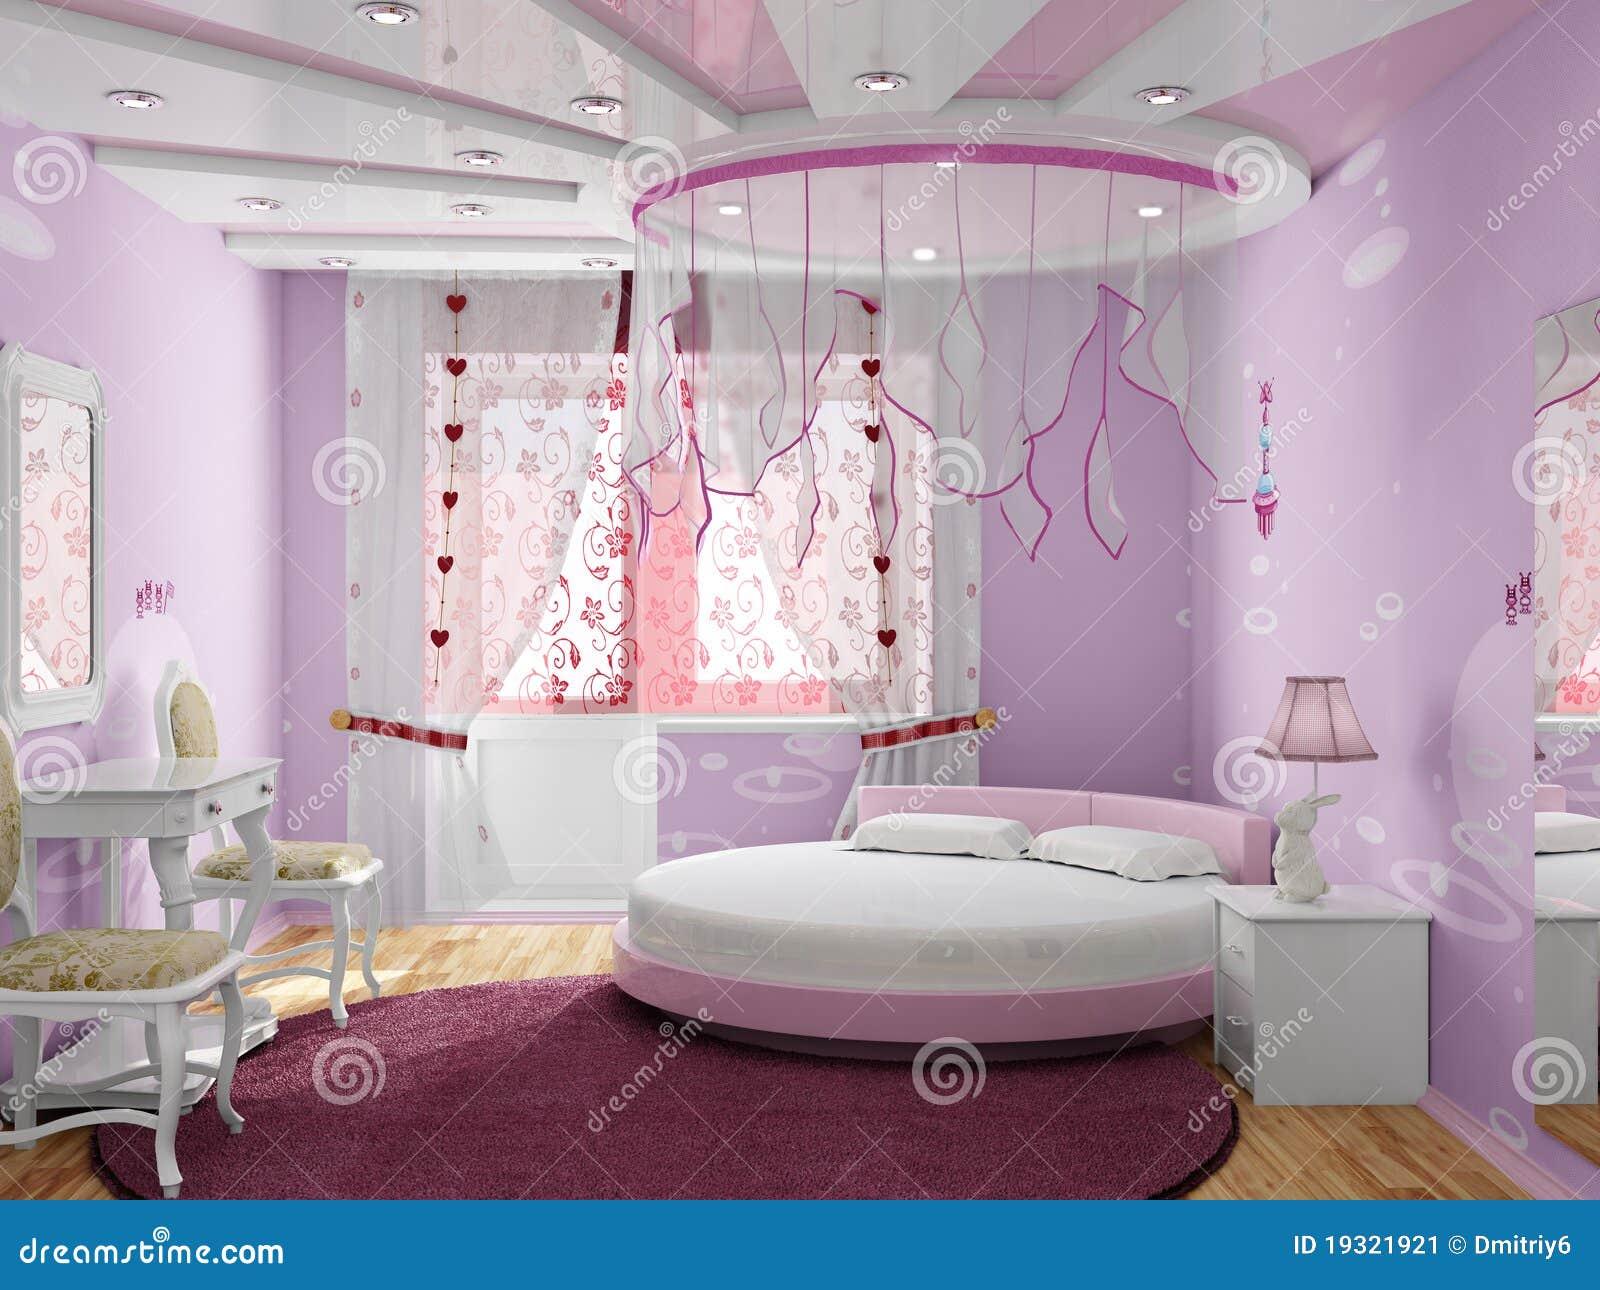 Woonkamer Inrichten Spel : Nlfunvit meiden slaapkamer kleuren meubels ideen. fo re inrichten